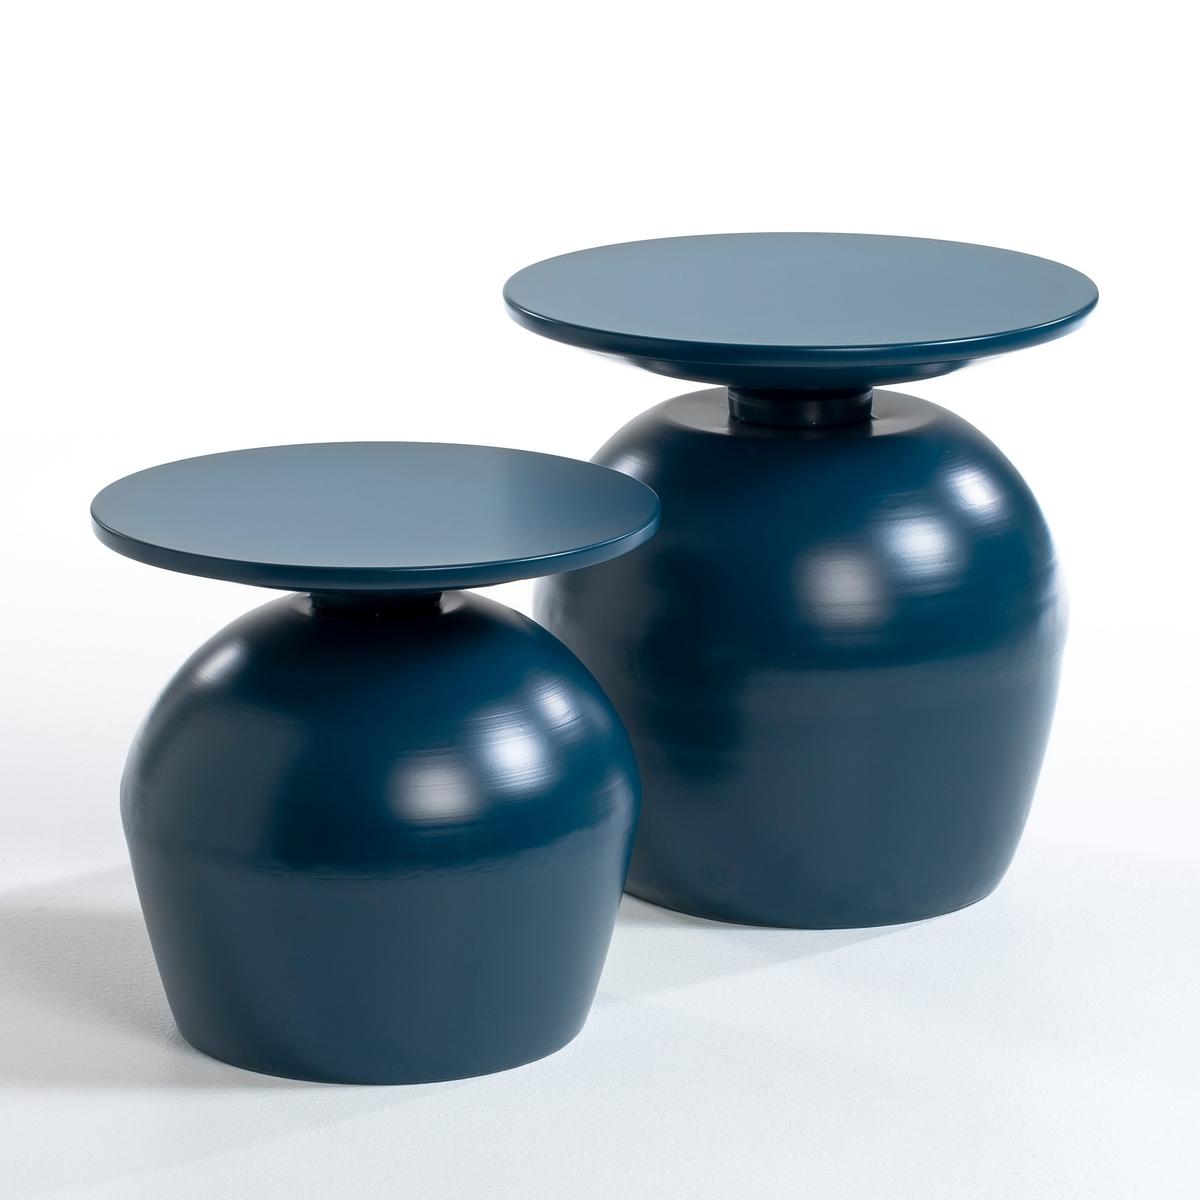 Столик из металла, LotharСтолик Lothar. Столик из металла удивительной формы, напоминающей перевернутый бокал, придаст вашему интерьеру необычный штрих . Описание : - Из металла . Размеры : - размер 1 : ?40 x 37 см . - размер 2 : ?45 x 46 см .<br><br>Цвет: светло-синий<br>Размер: размер 2